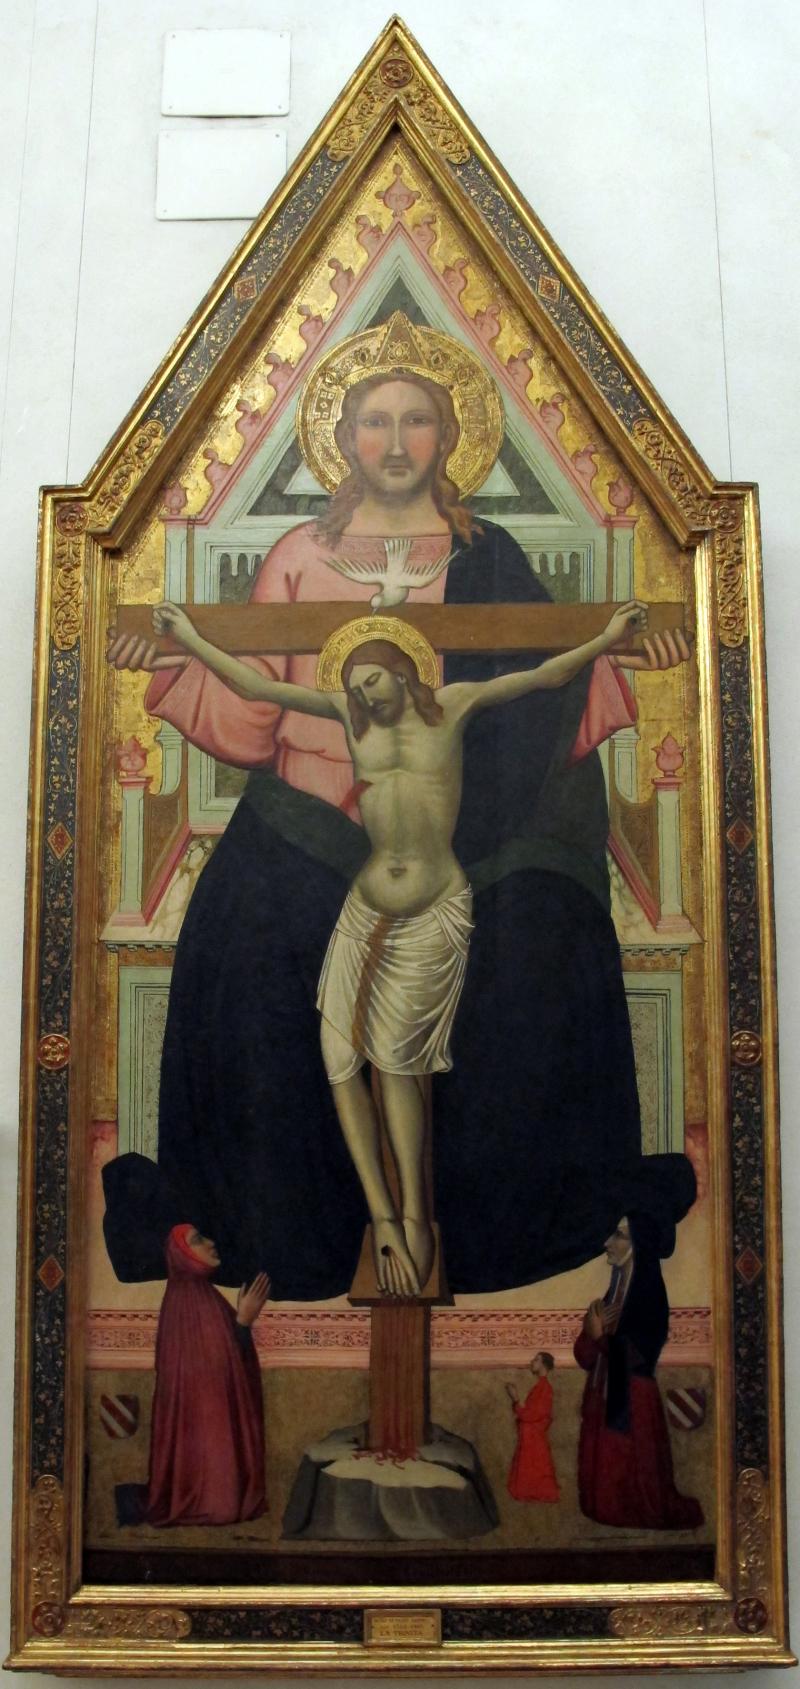 Niccolò_di_pietro_gerini,_trinità_con_francesco_datini_e_la_moglie,_1400-10_ca._01